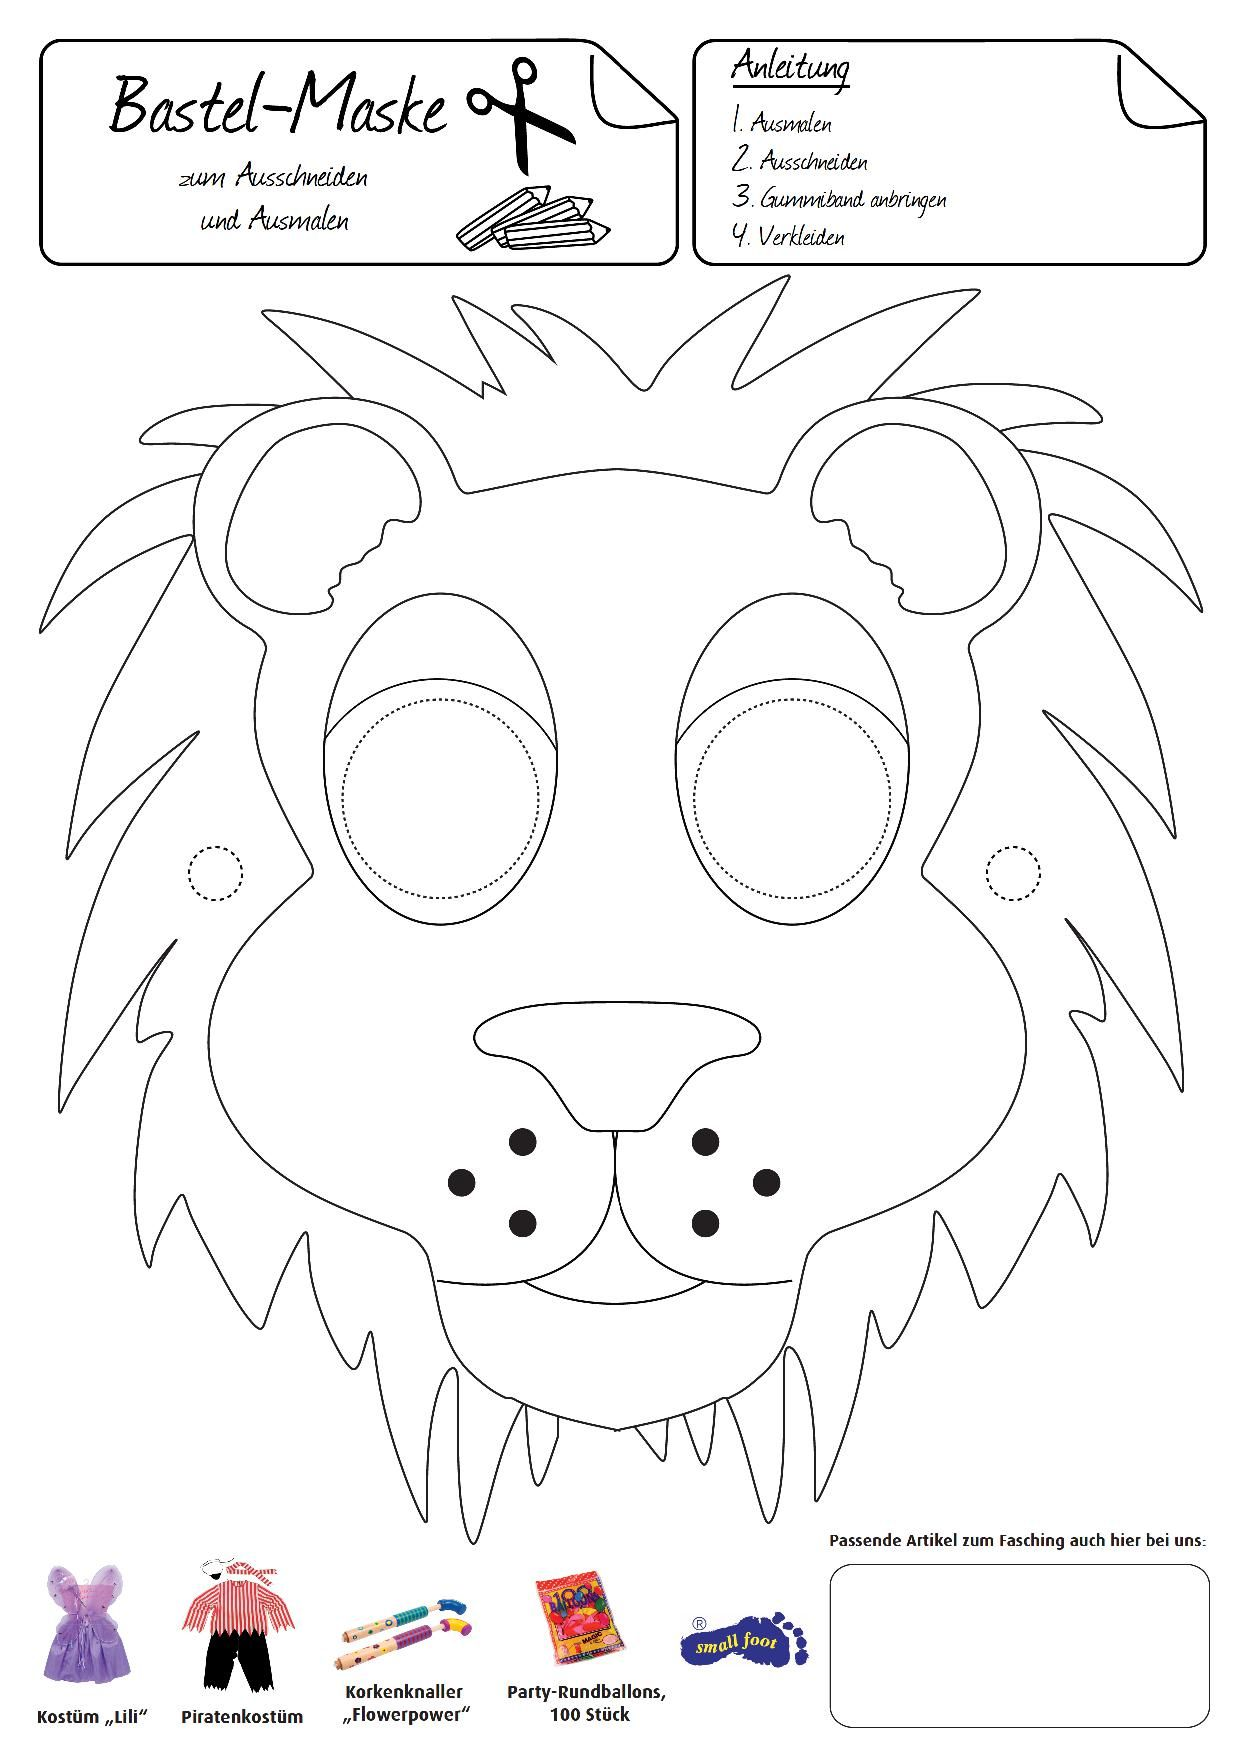 Löwen-Maske. Diese Maske macht Sie stolz, wie ein Löwe